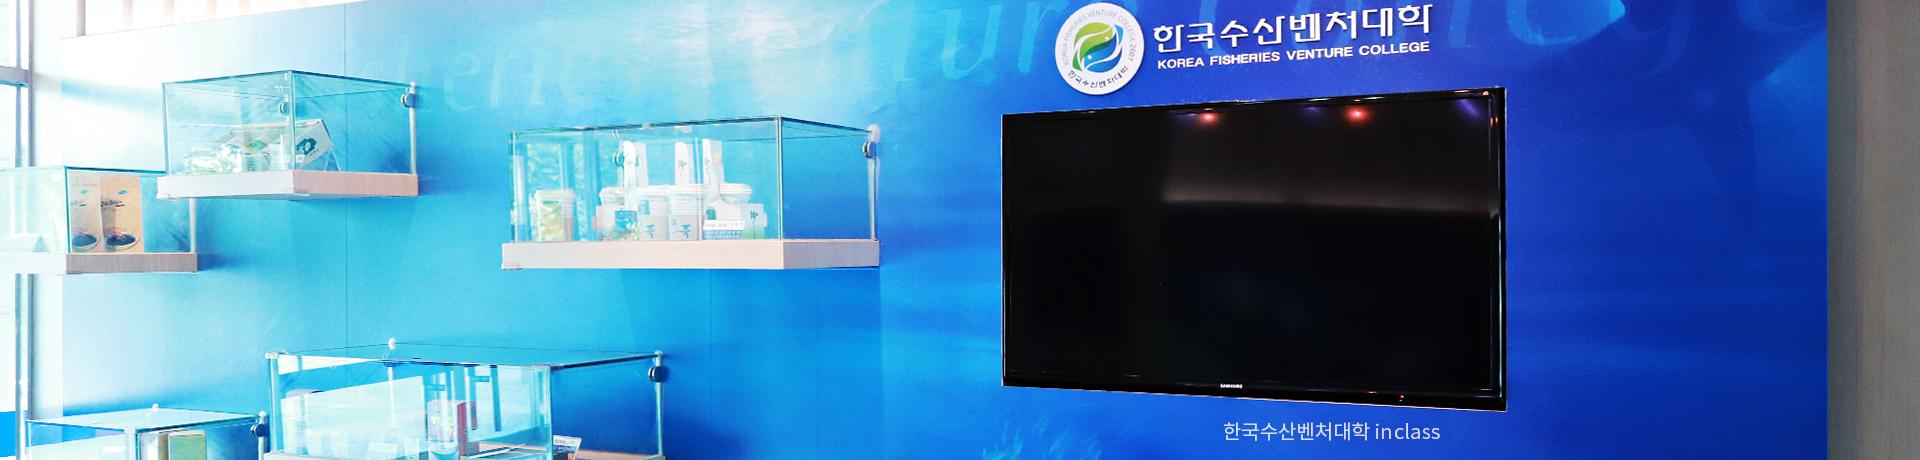 한국 수산 벤처대학4